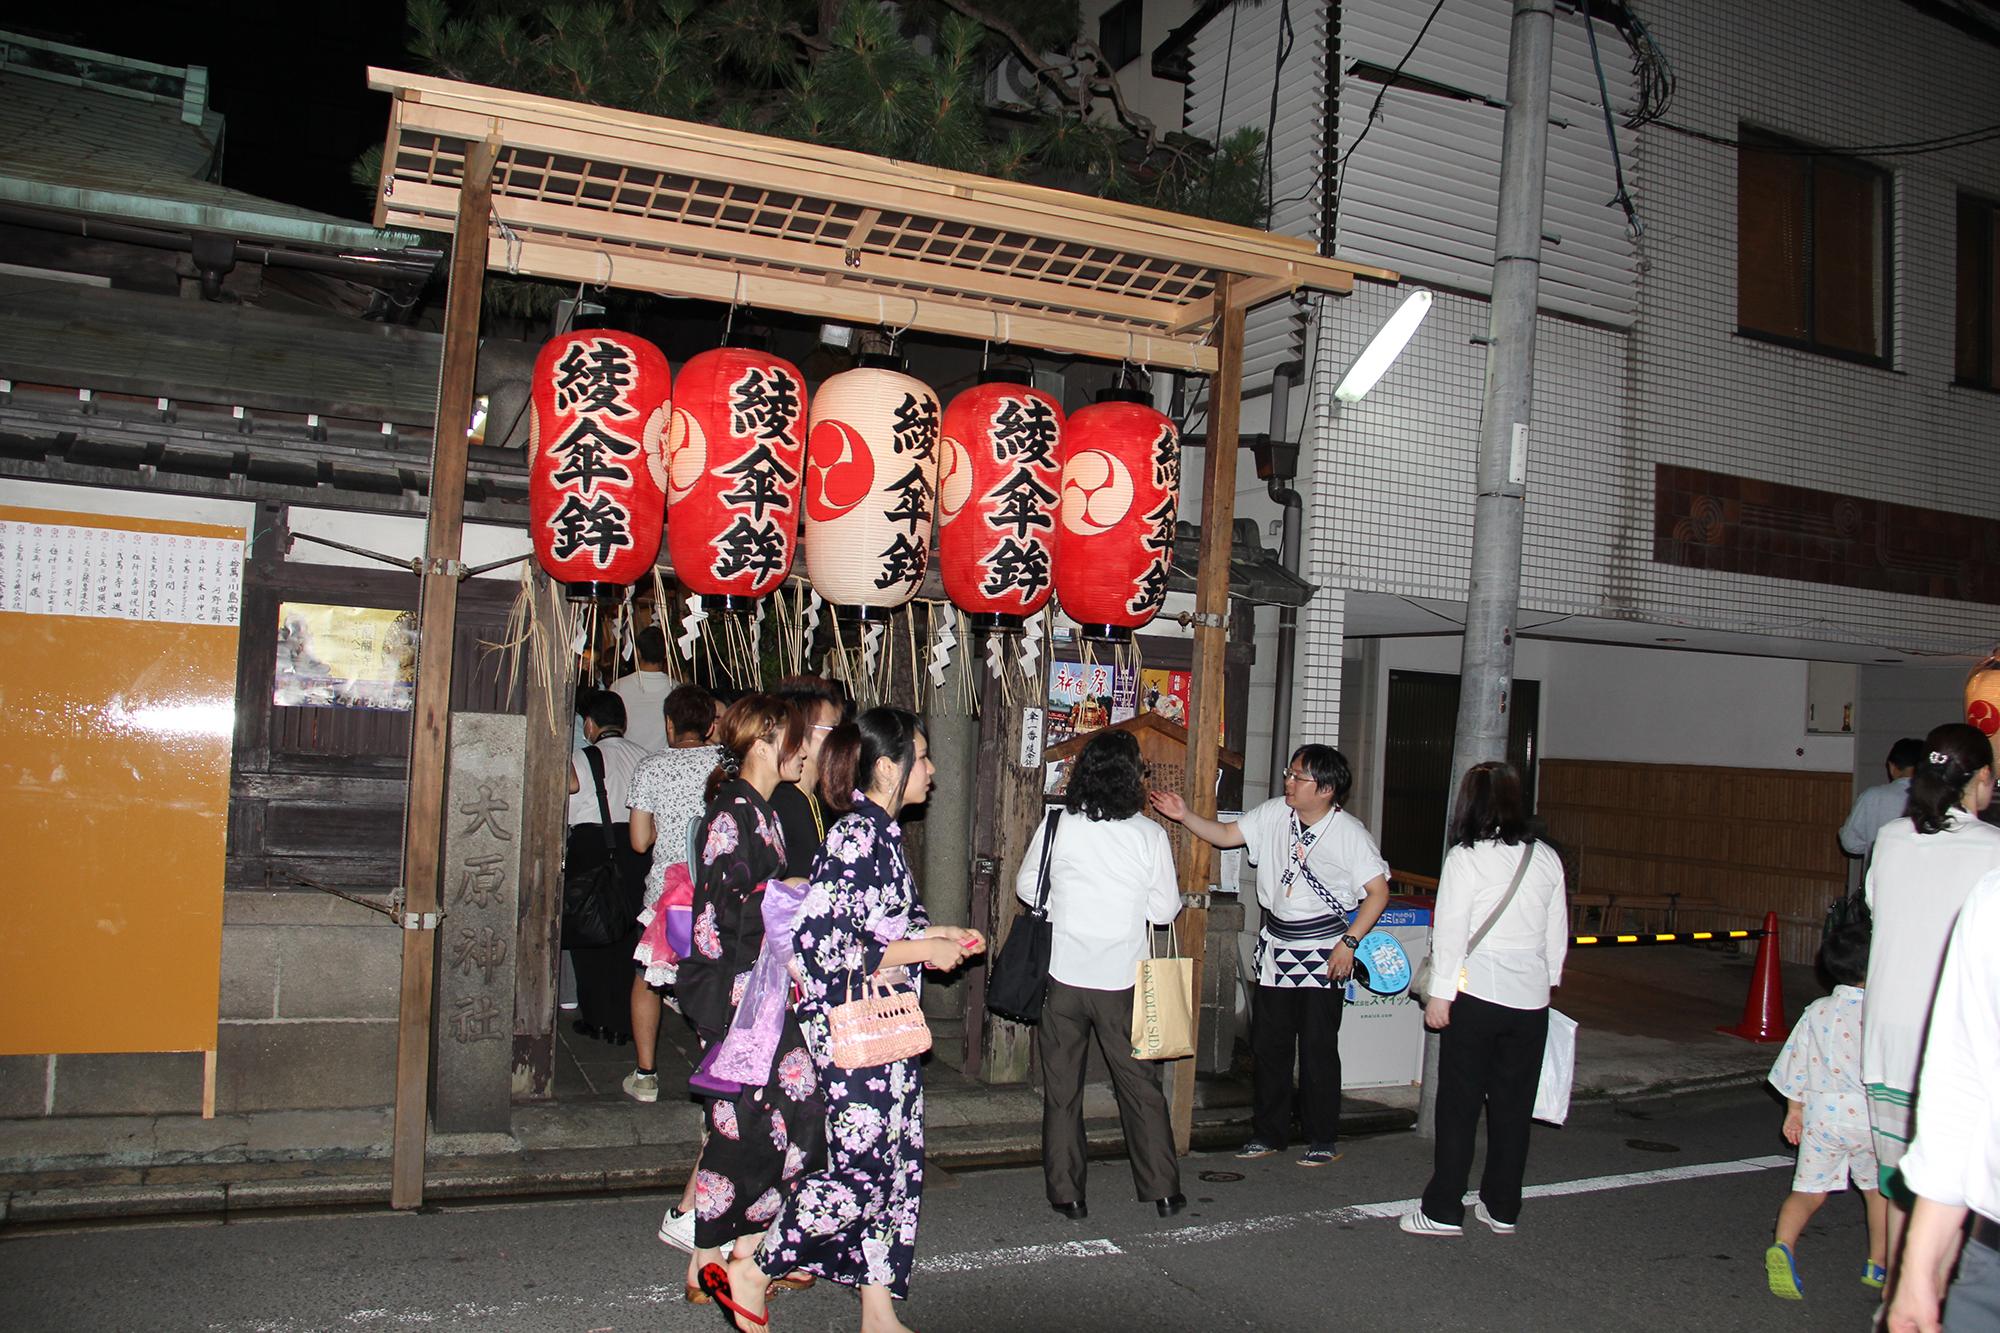 大原神社 ― 綾傘鉾の町家・会所